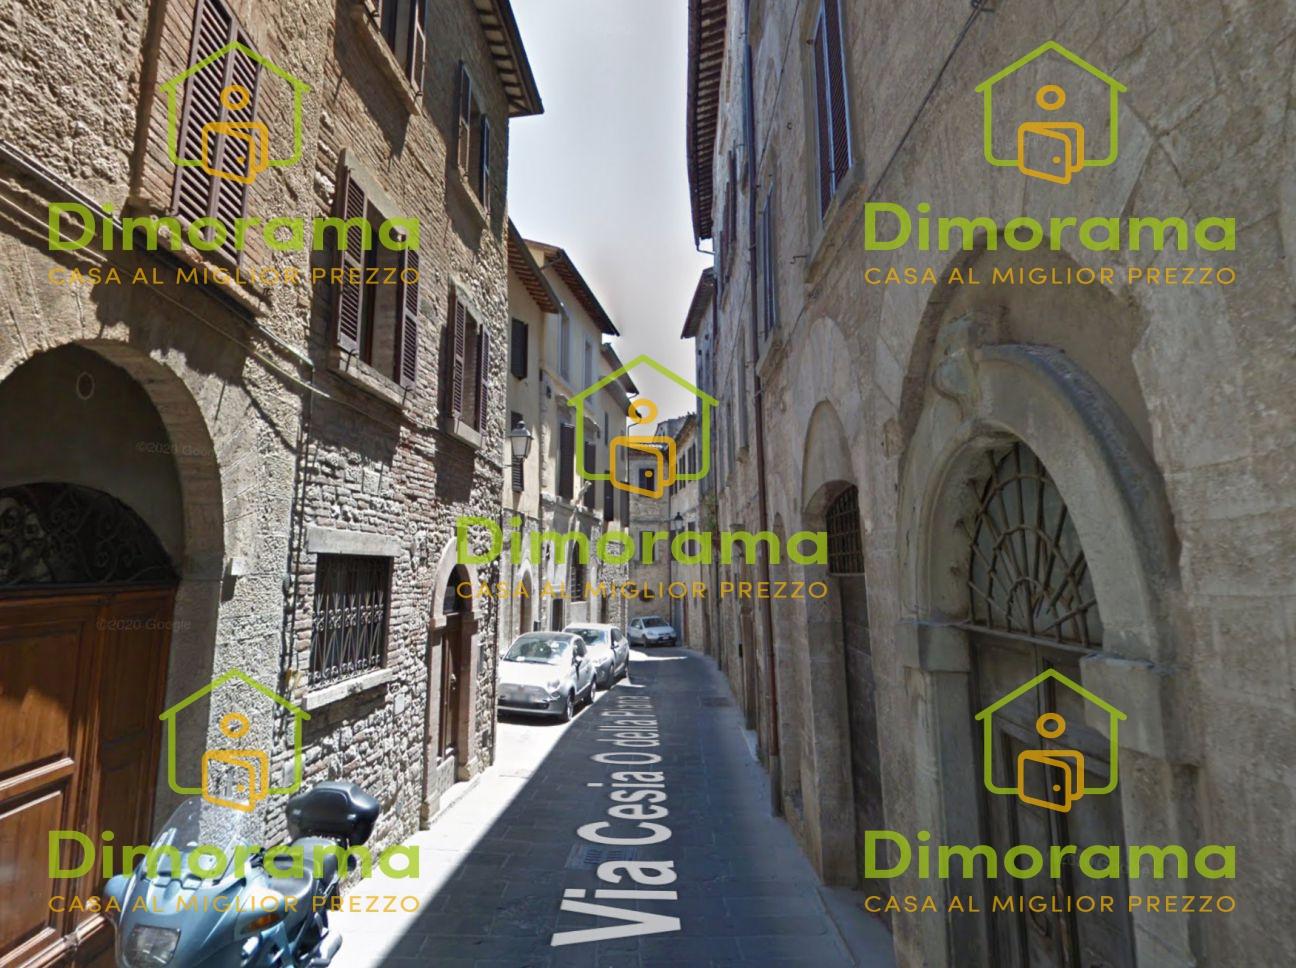 Appartamento 5 locali in vendita a Todi (PG)